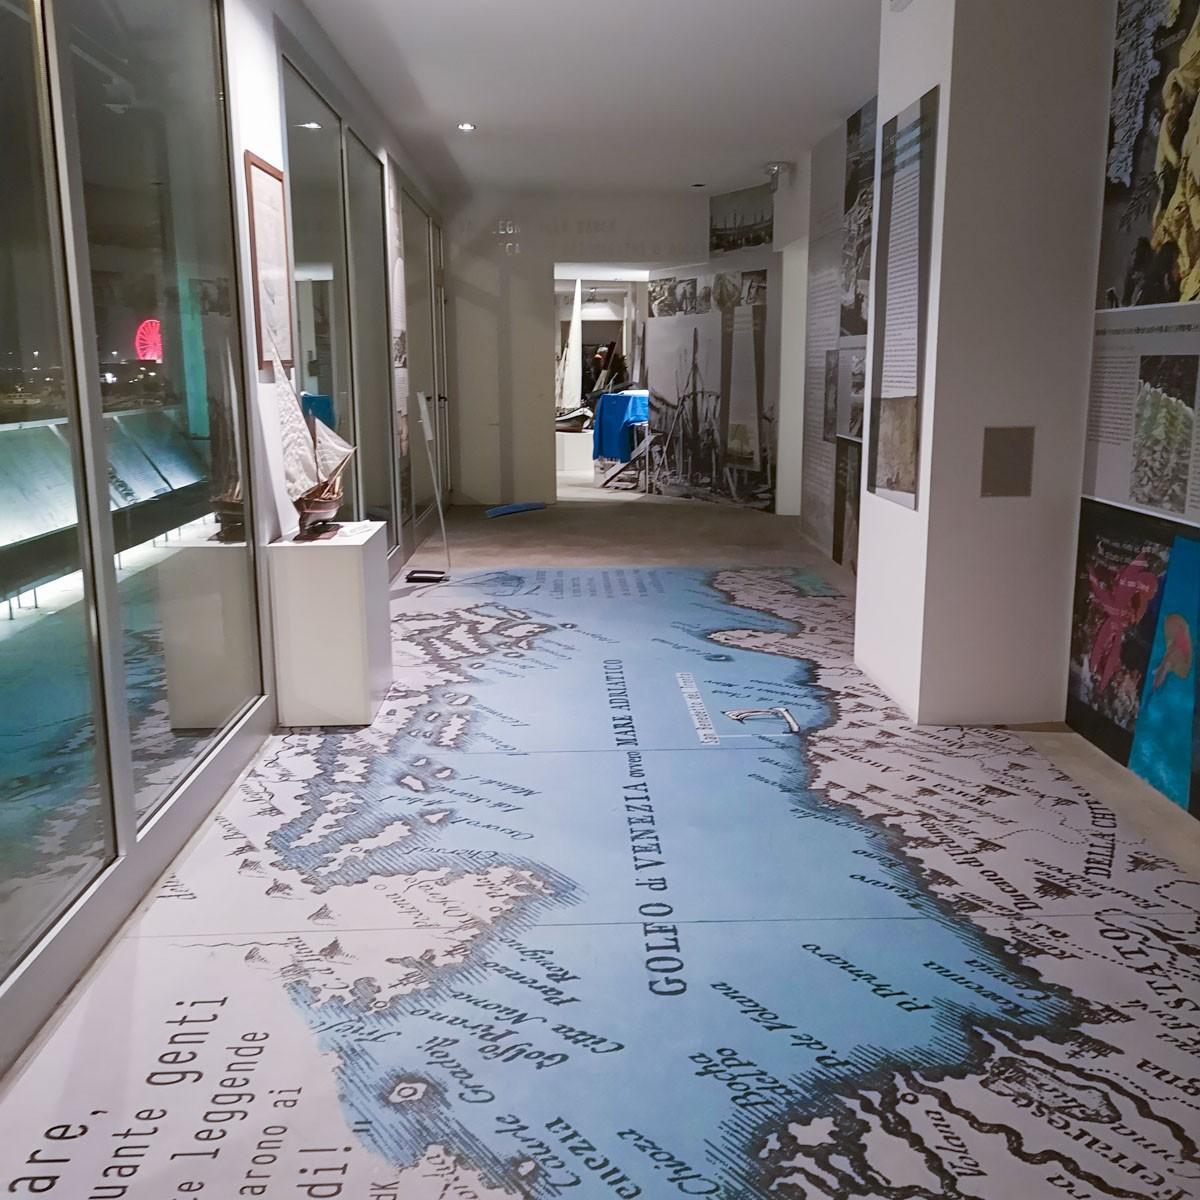 Museo del Mare di San Benedetto del Tronto- mappa sul tappeto